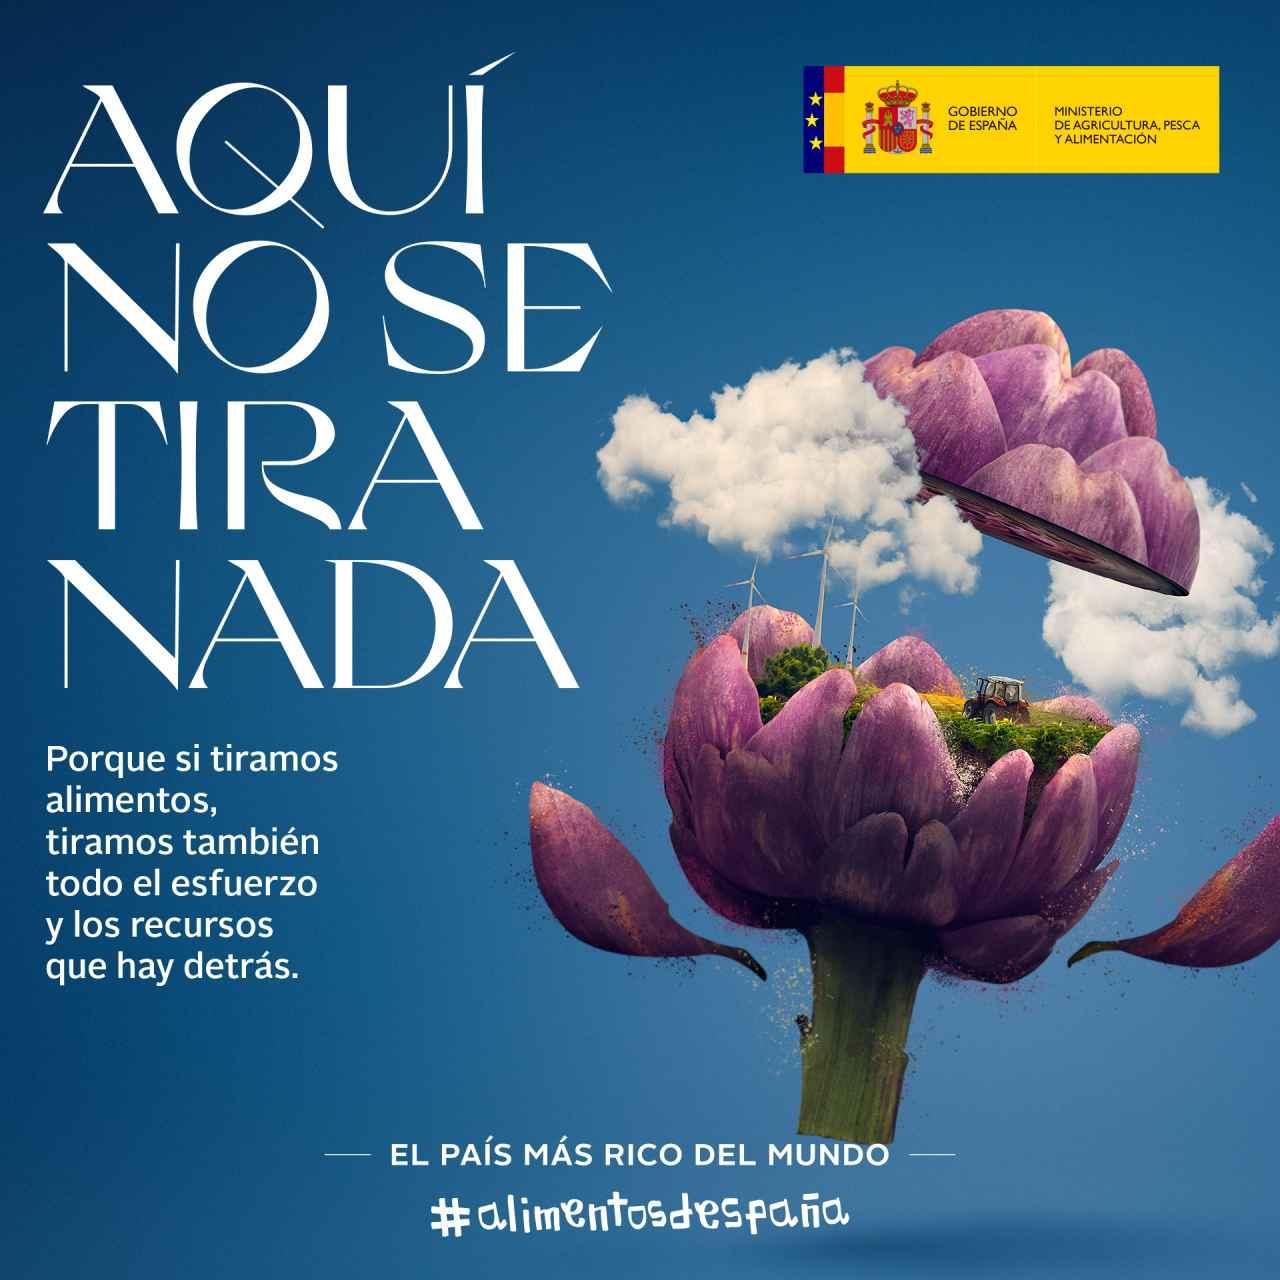 """Cartel de la campaña del MAPA """"Aquí no se tira nada"""""""